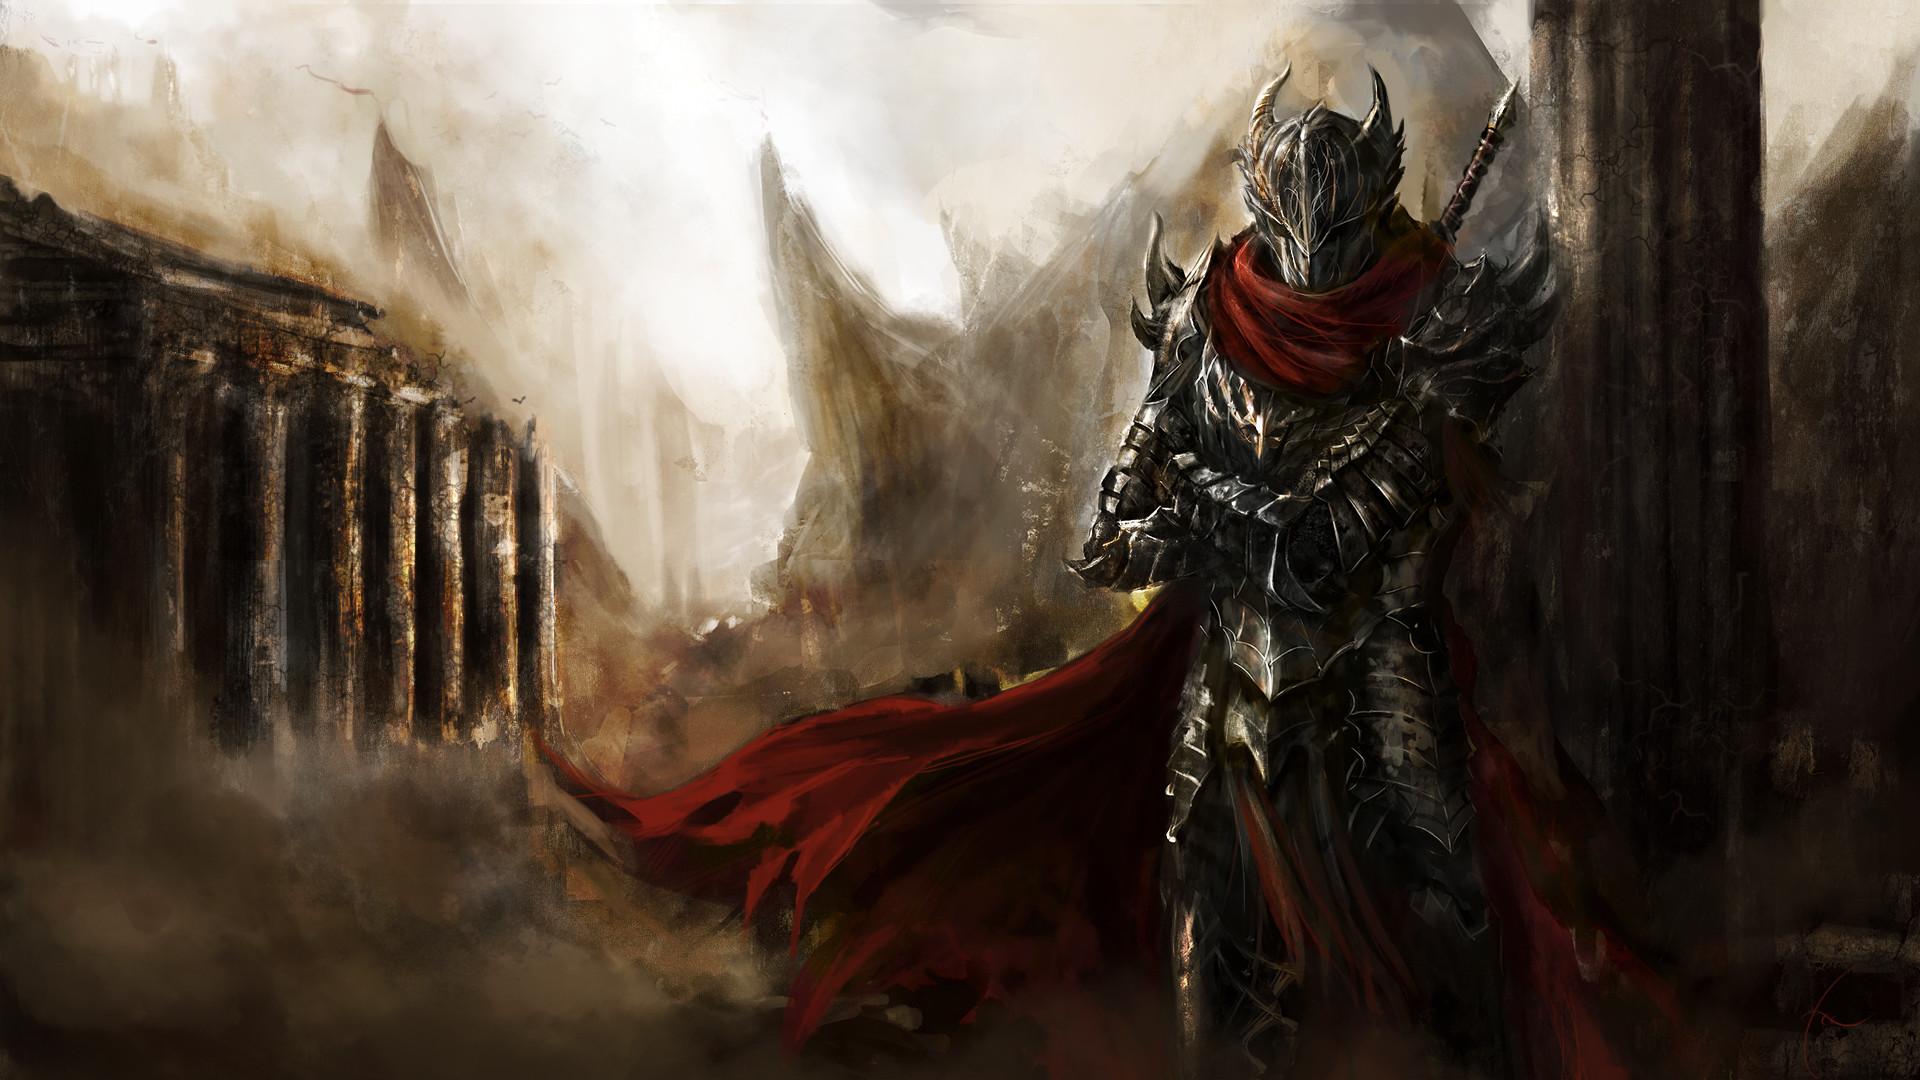 Warrior Backgrounds